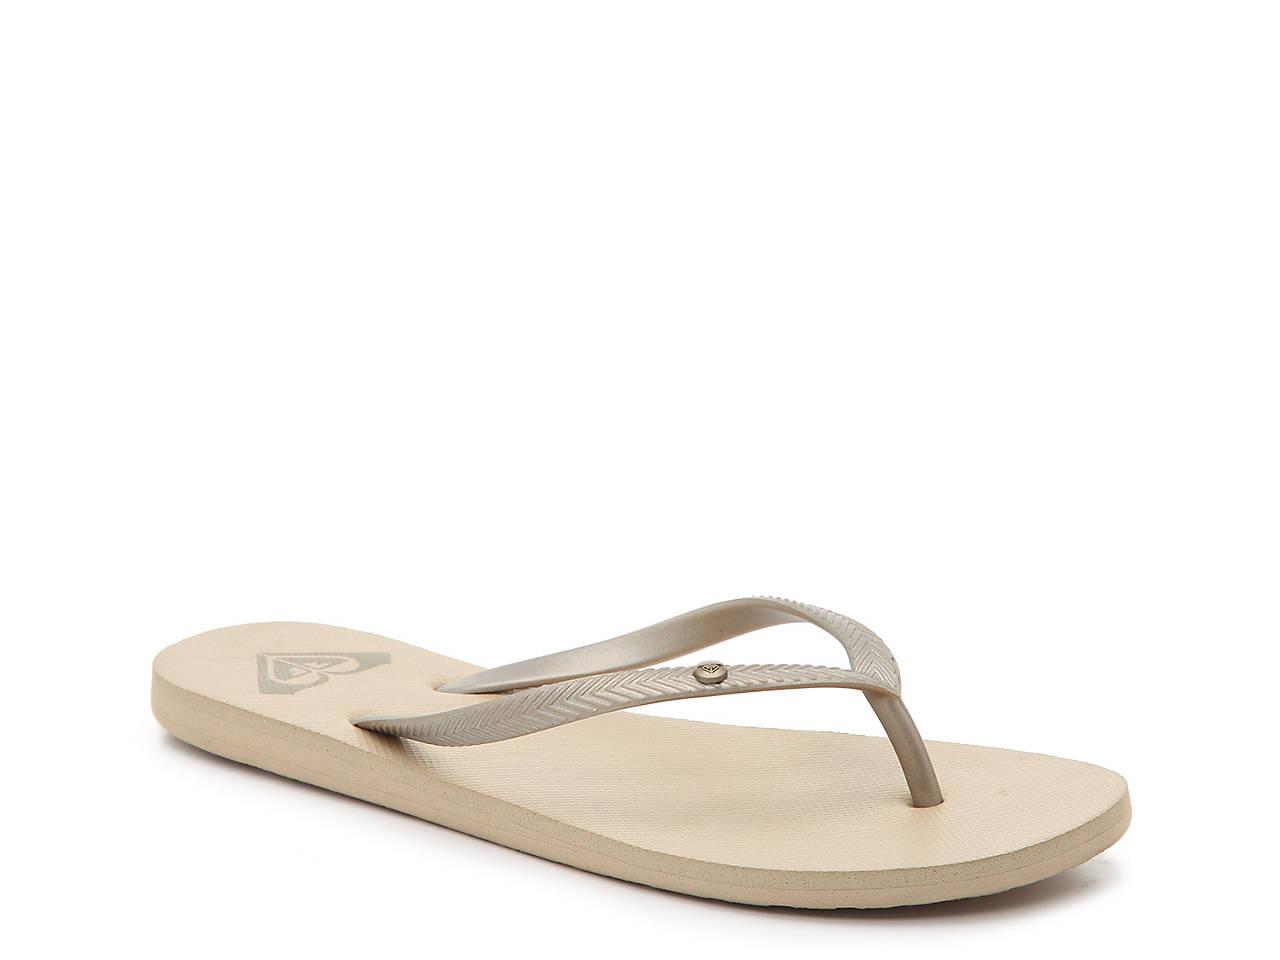 c73b8b434d2 Roxy Bermuda 2 Flip Flop Women s Shoes